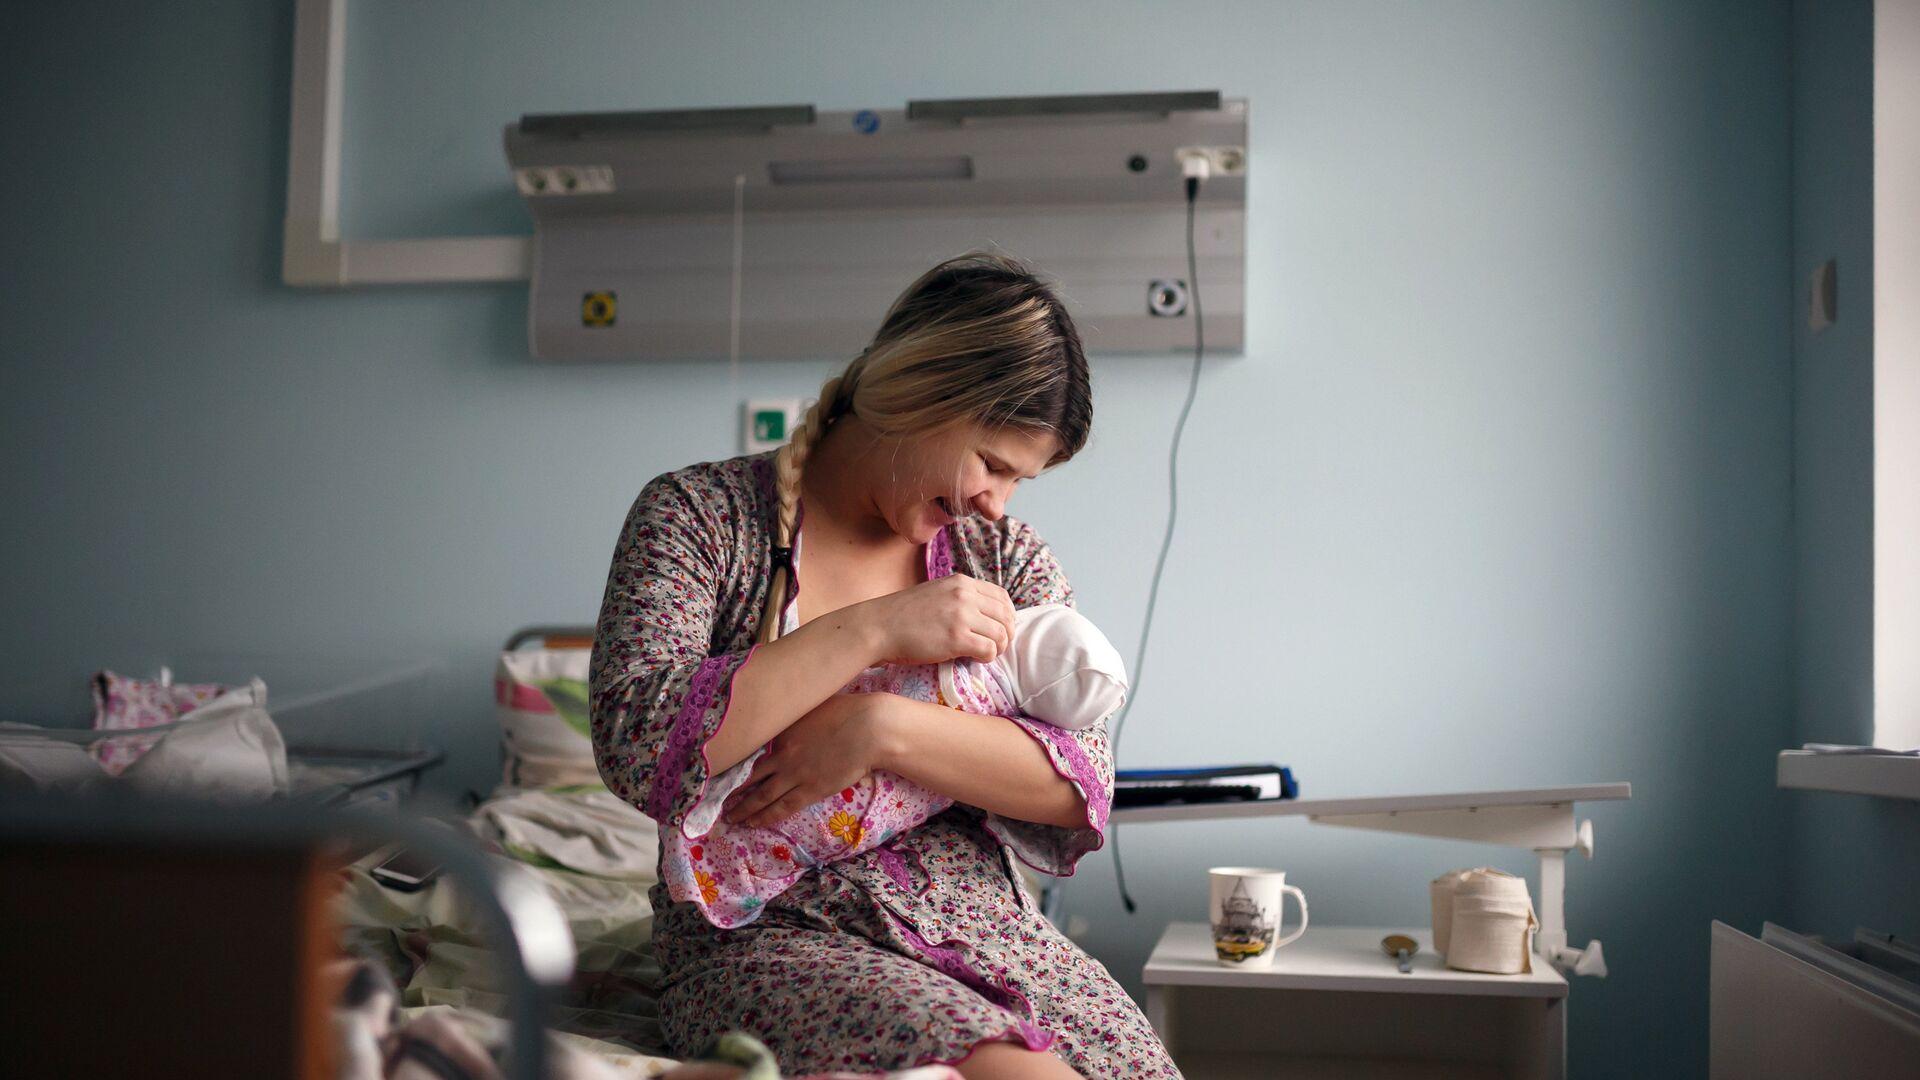 Мать с новорожденным ребенком - РИА Новости, 1920, 10.03.2021